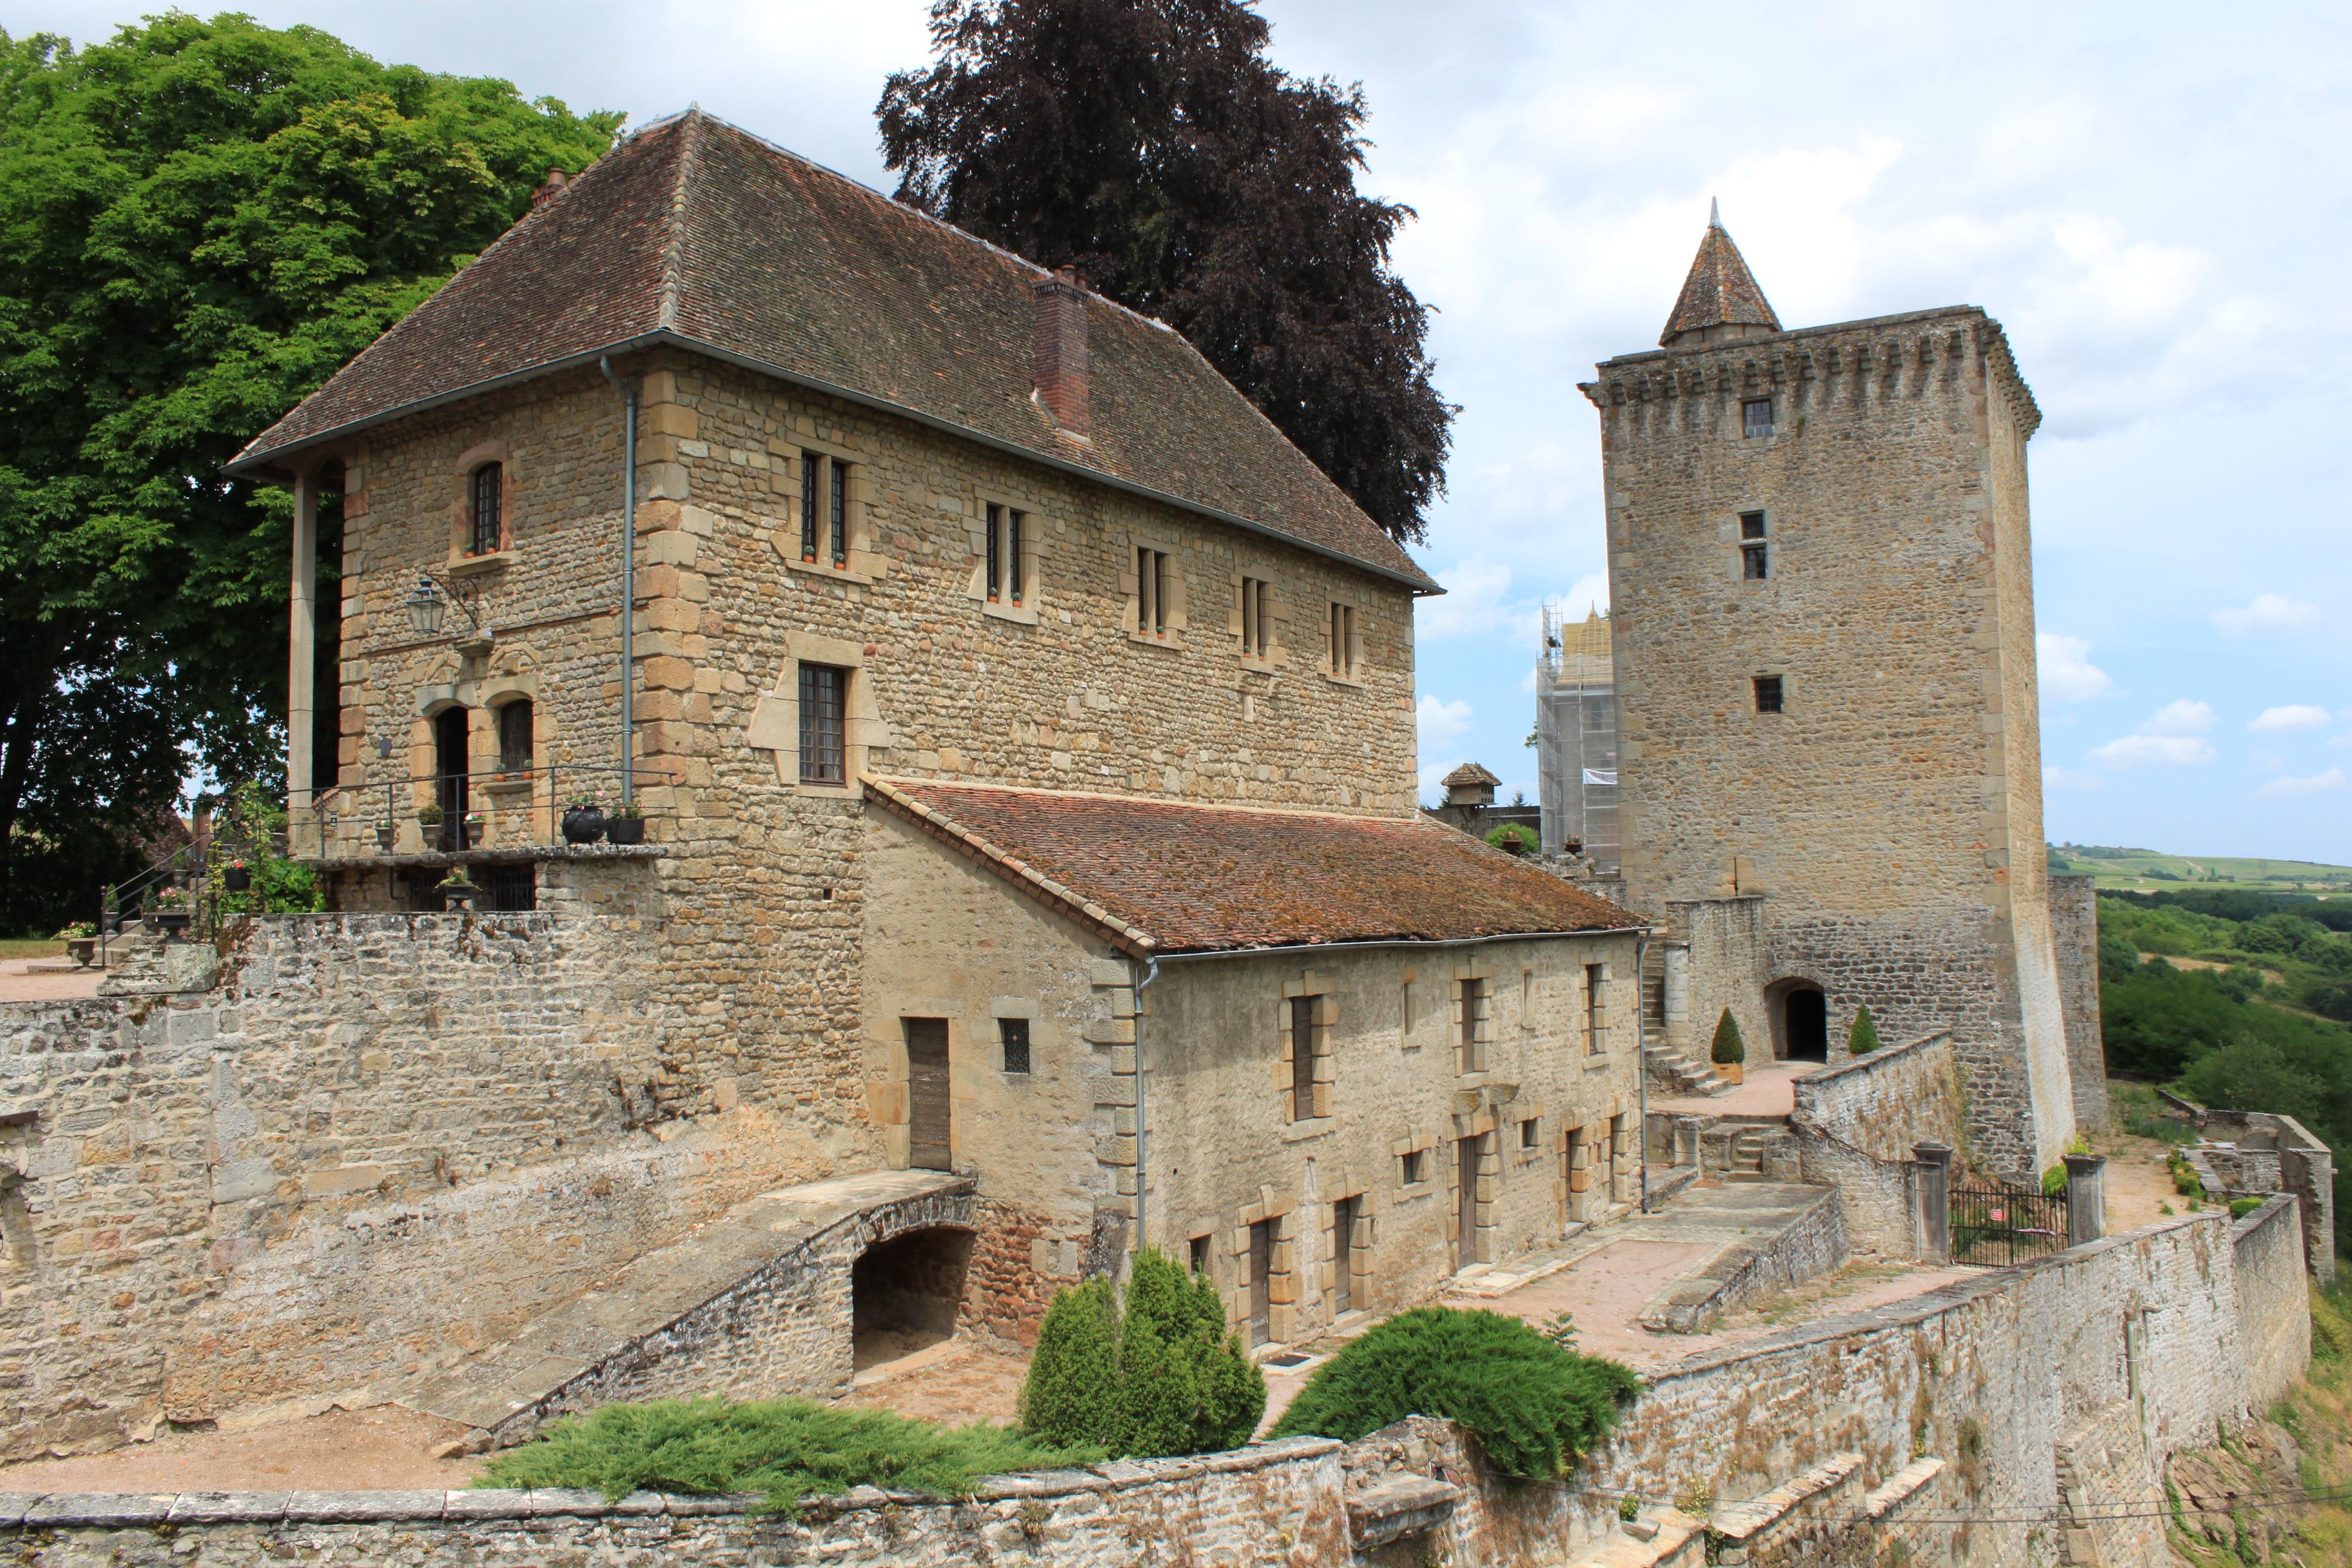 486-chateau_de_couches_71.jpg